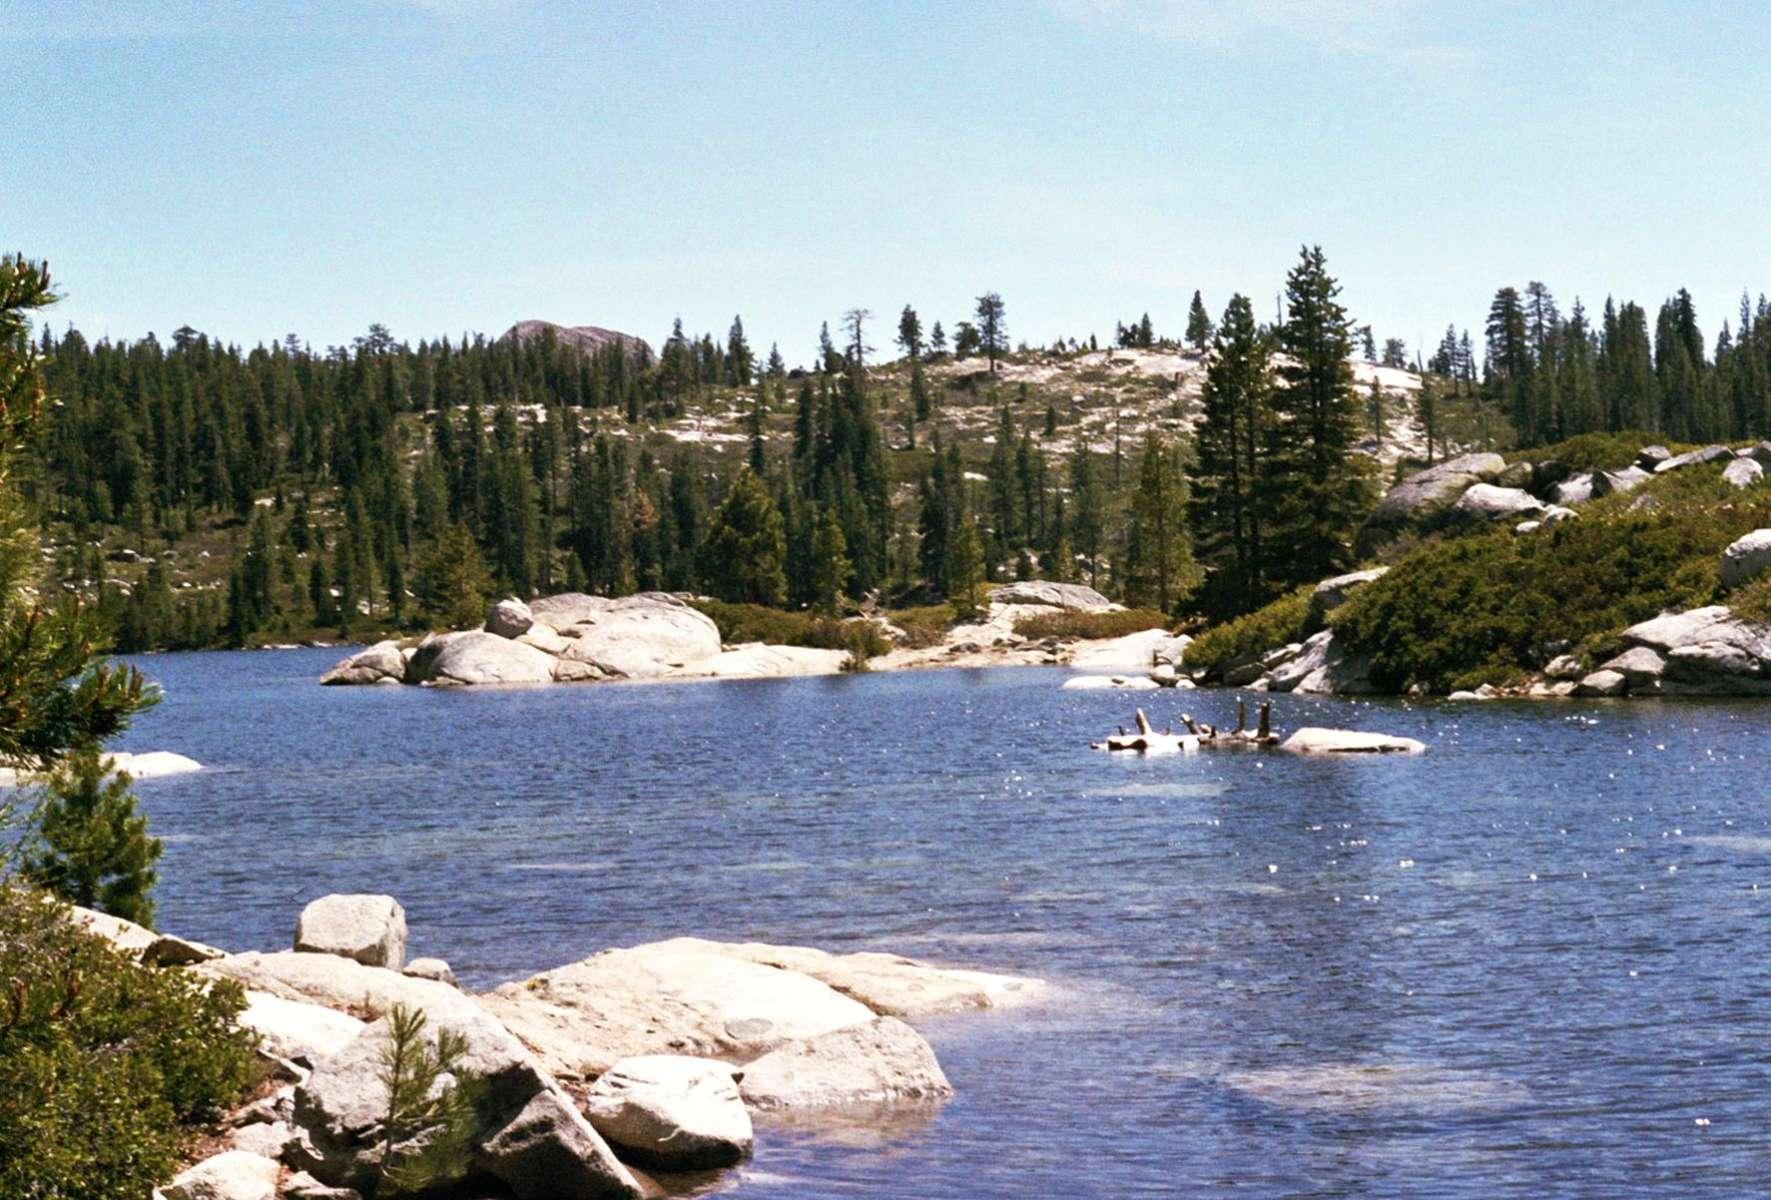 Loon Lake Campground, Eldorado, CA: 5 Hipcamper Reviews And 9 Photos